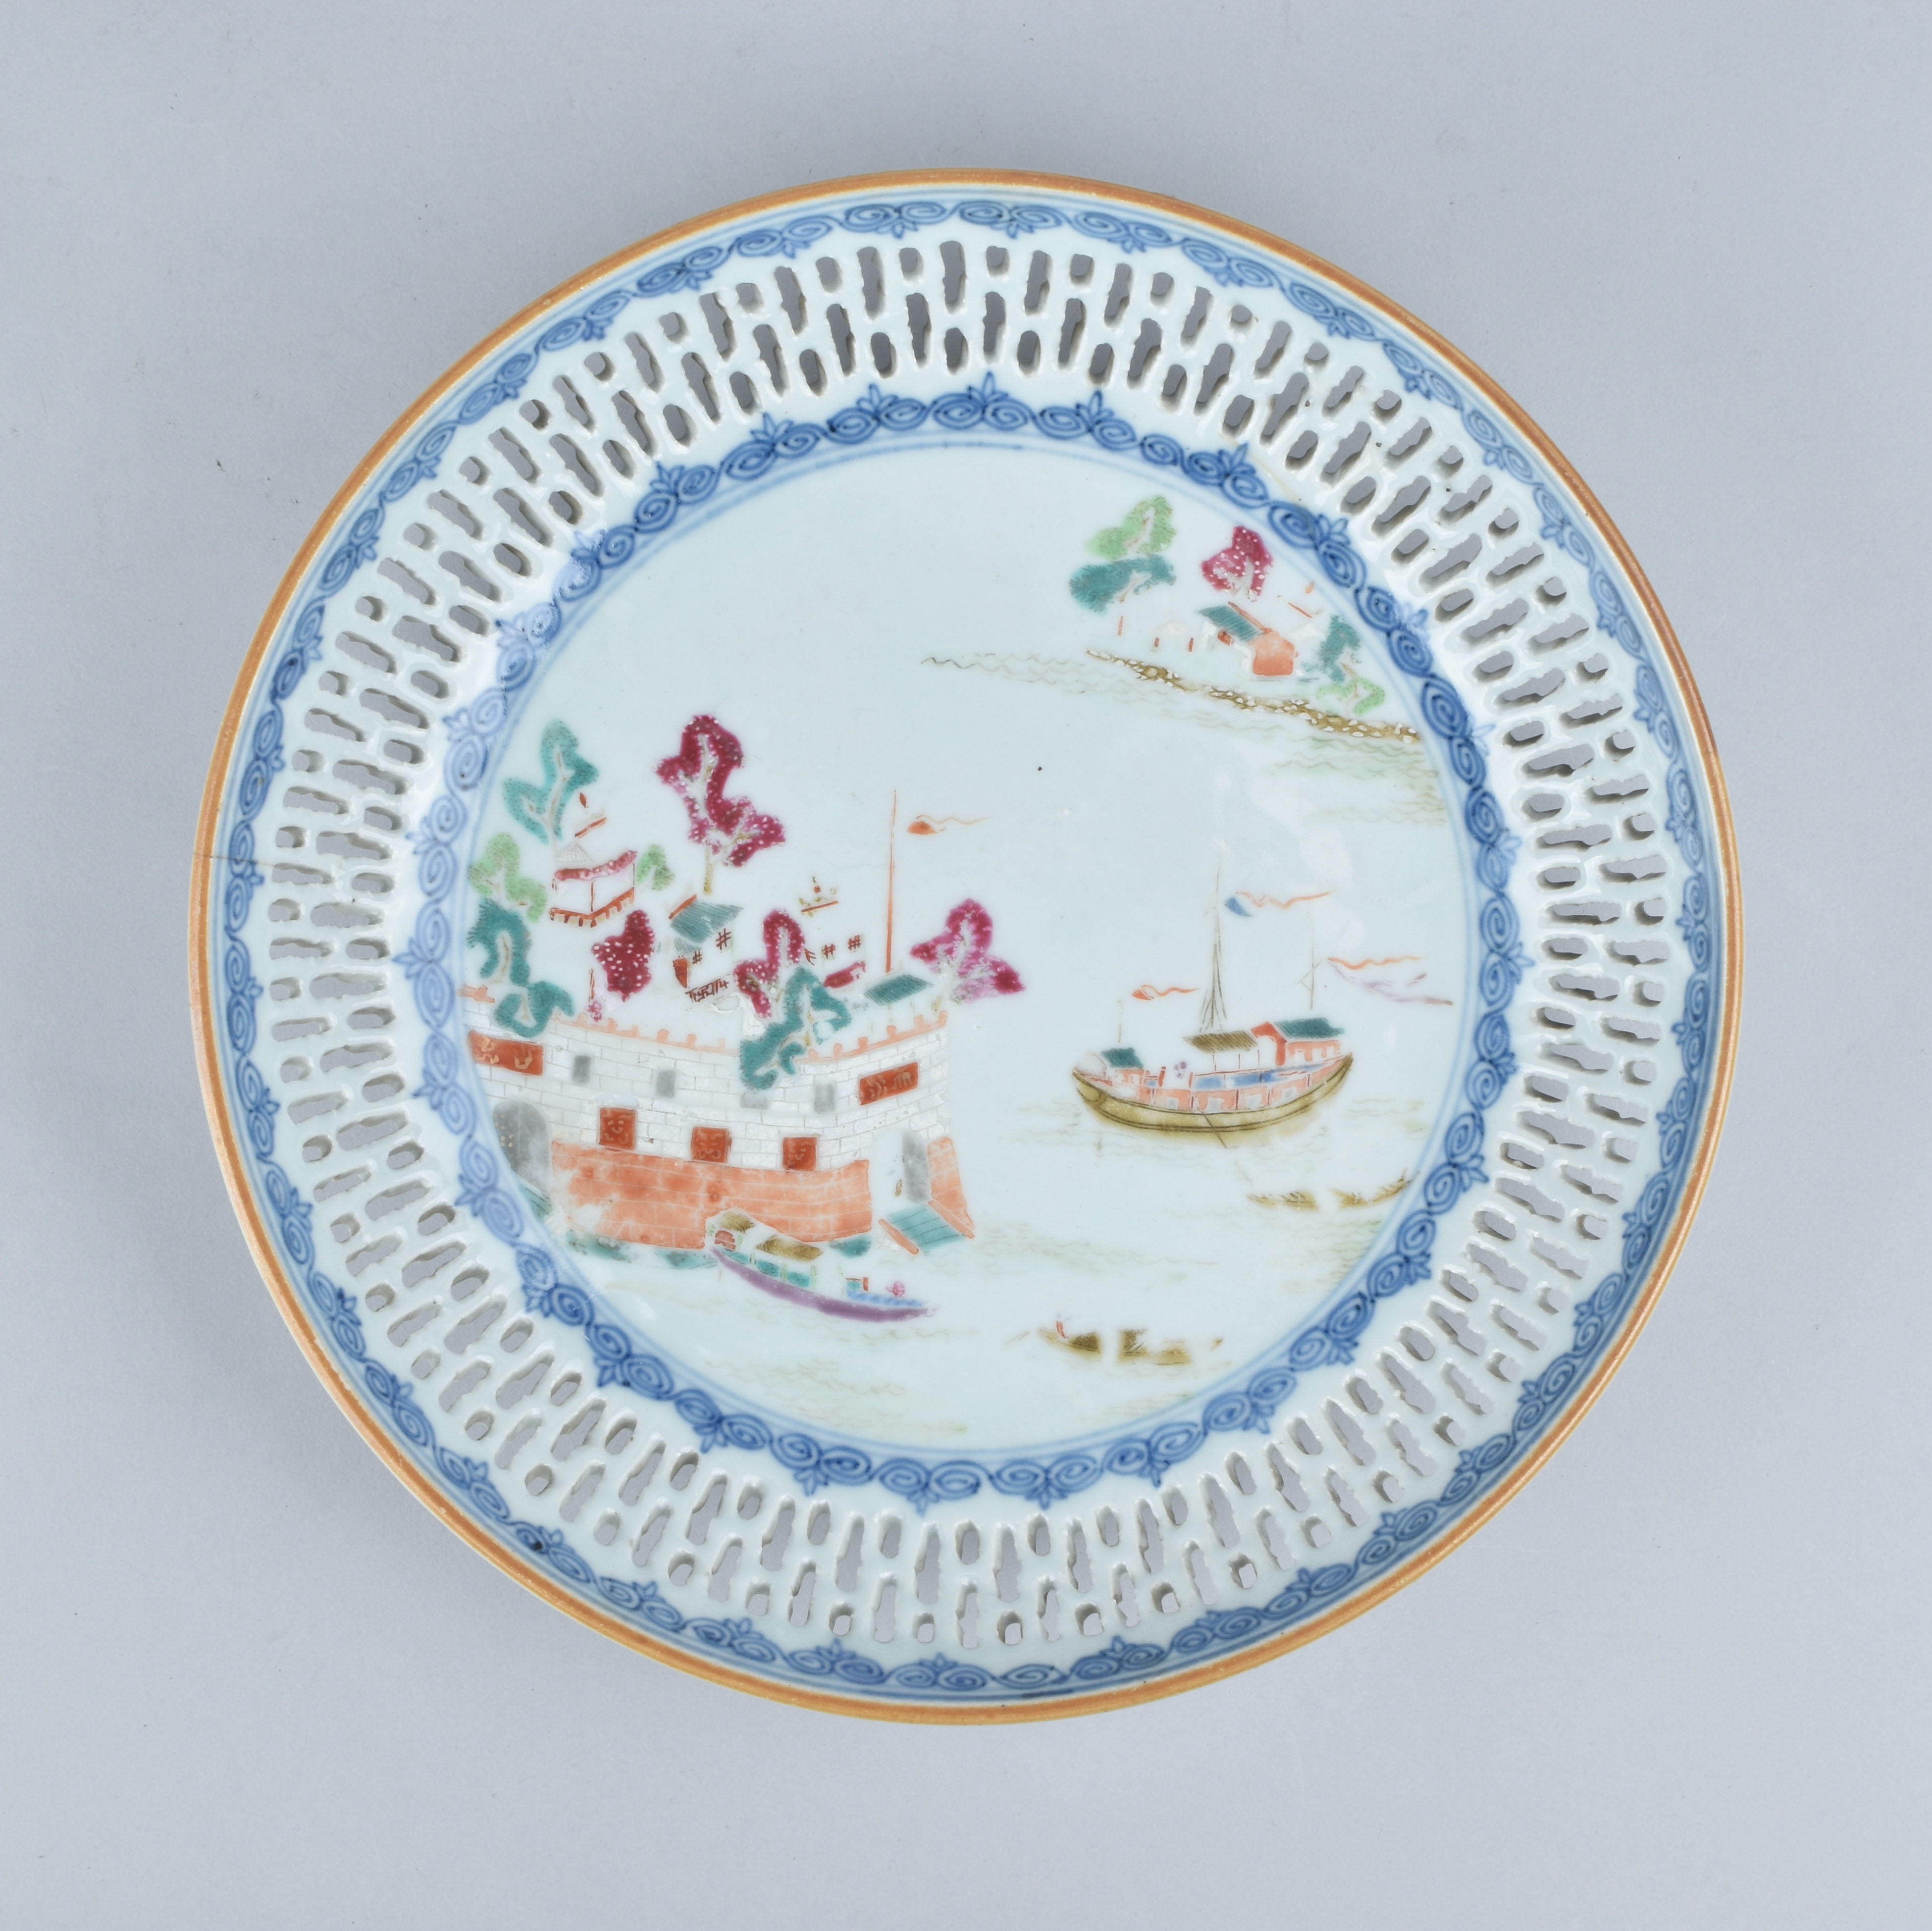 Porcelaine (biscuit) Qianlong (1736-1795), ca. 1780, Chine